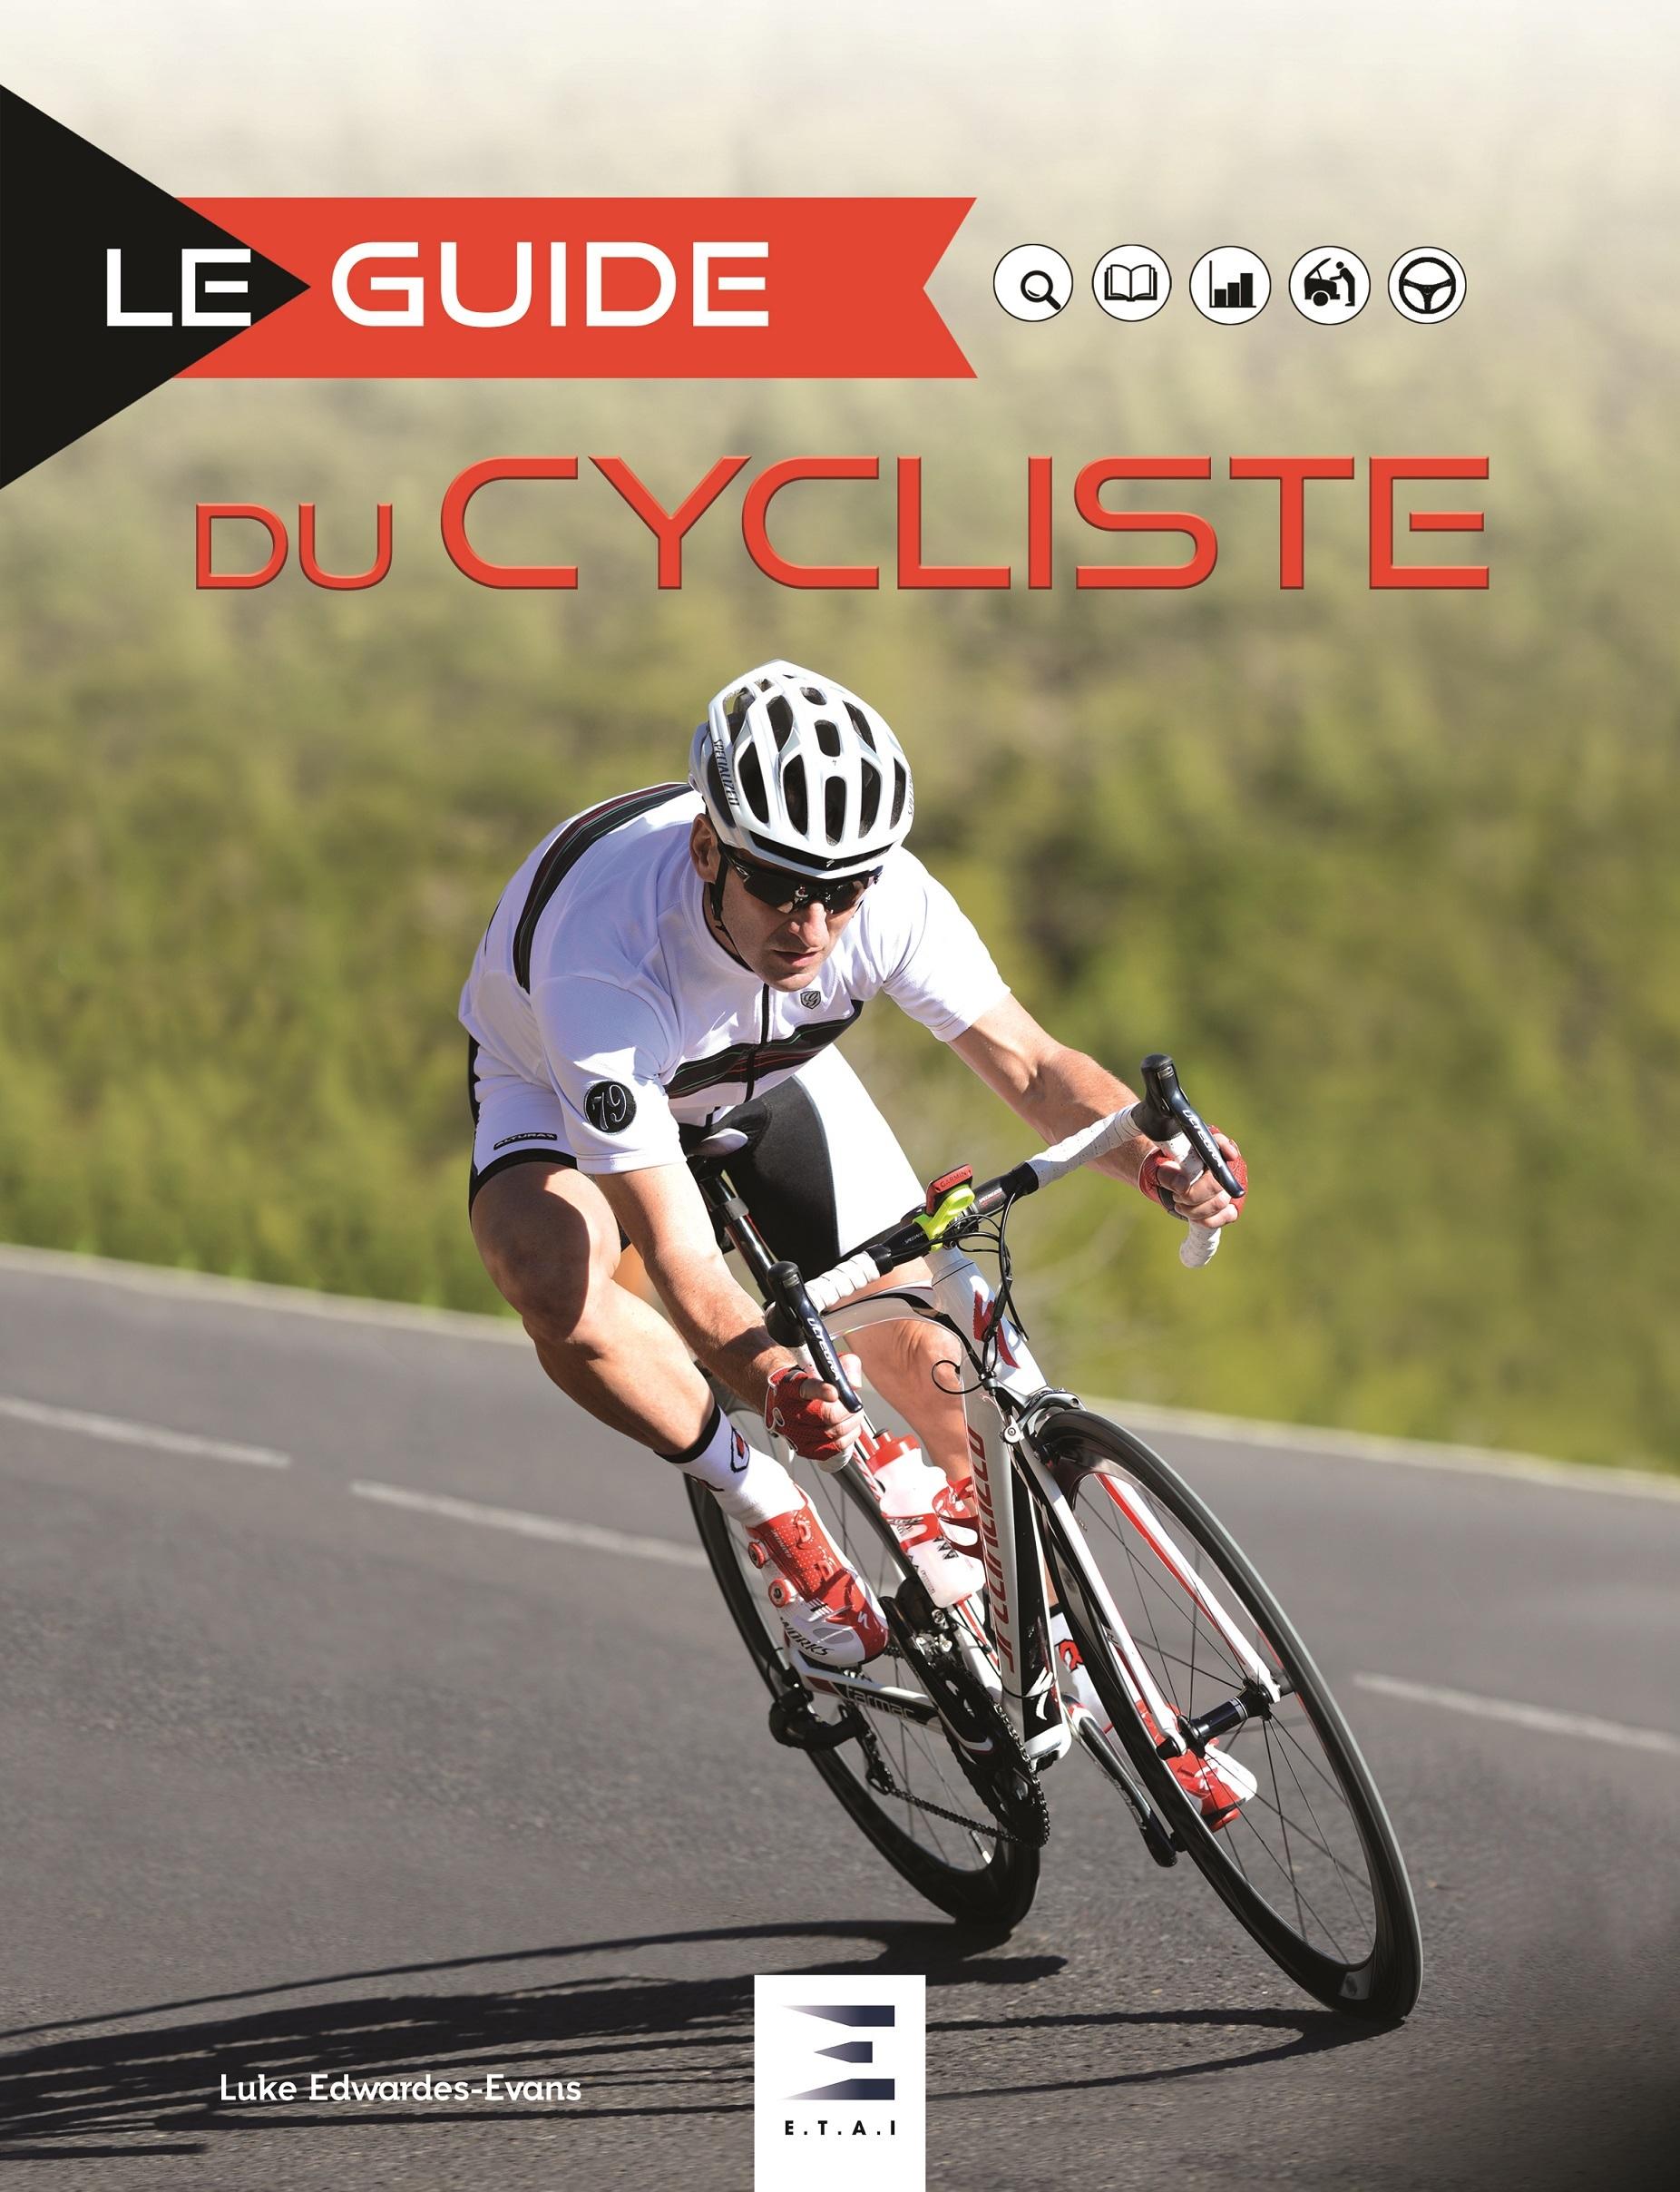 LE GUIDE DU CYCLISTE